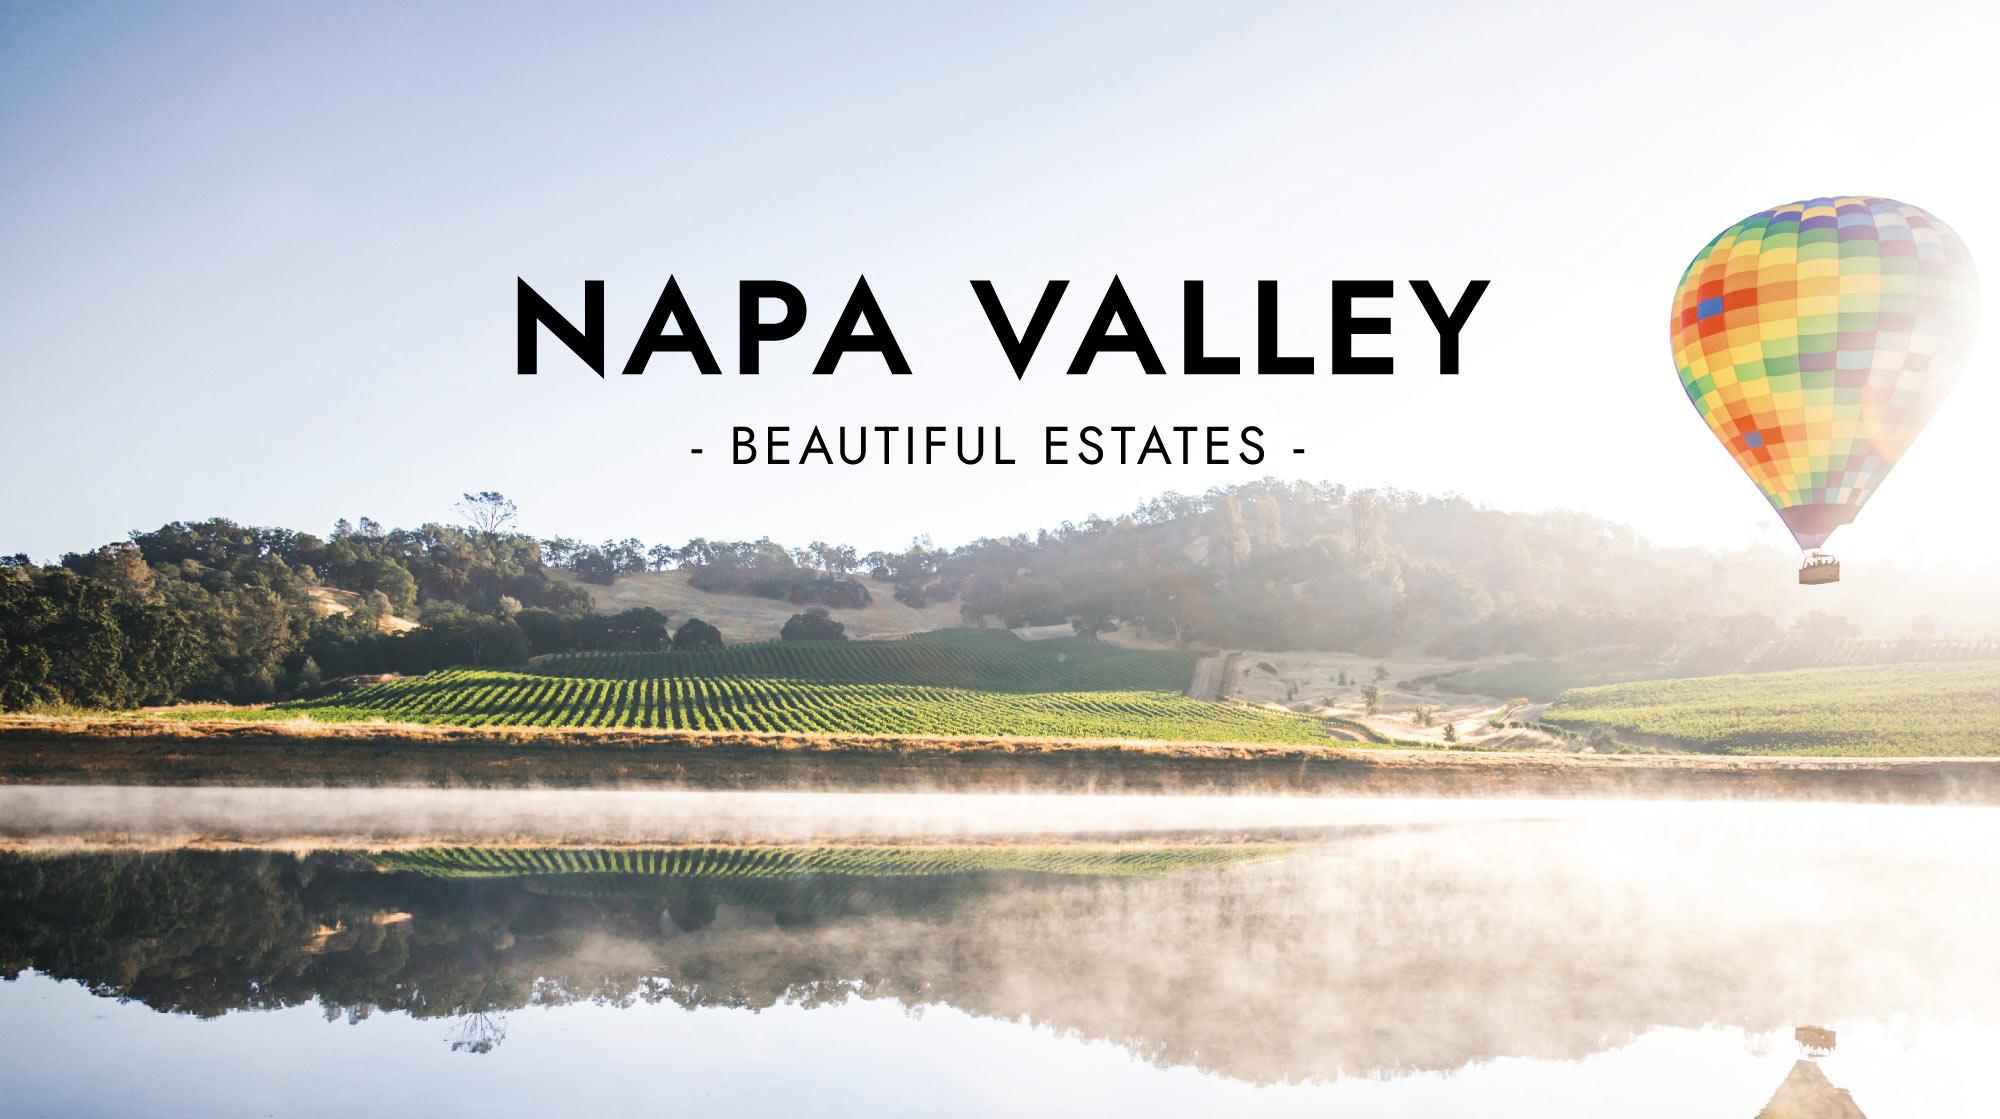 NAPA-VALLEY-MINIMAP-COVER